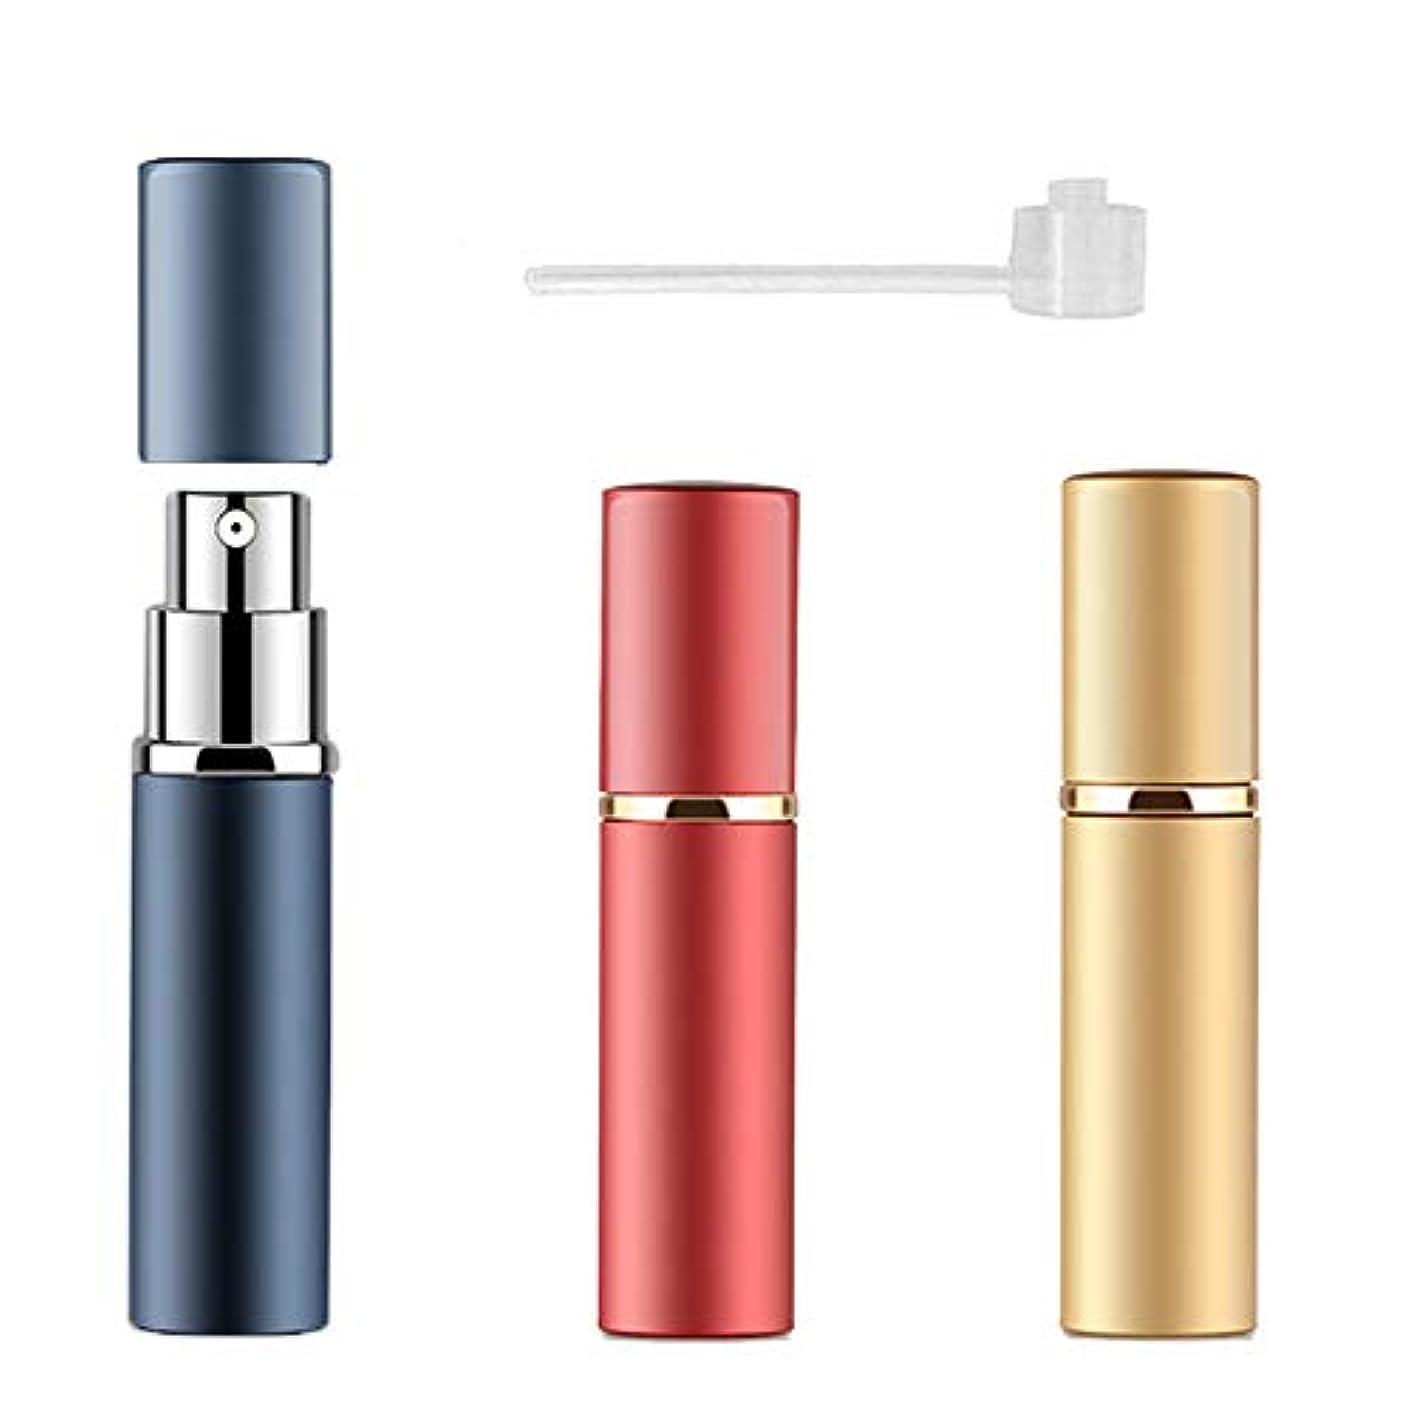 若さトレイルどこアトマイザ 香水 詰め替え容器 スプレーボトル 小分けボトル トラベルボトル 旅行携帯便利 (3色セット)